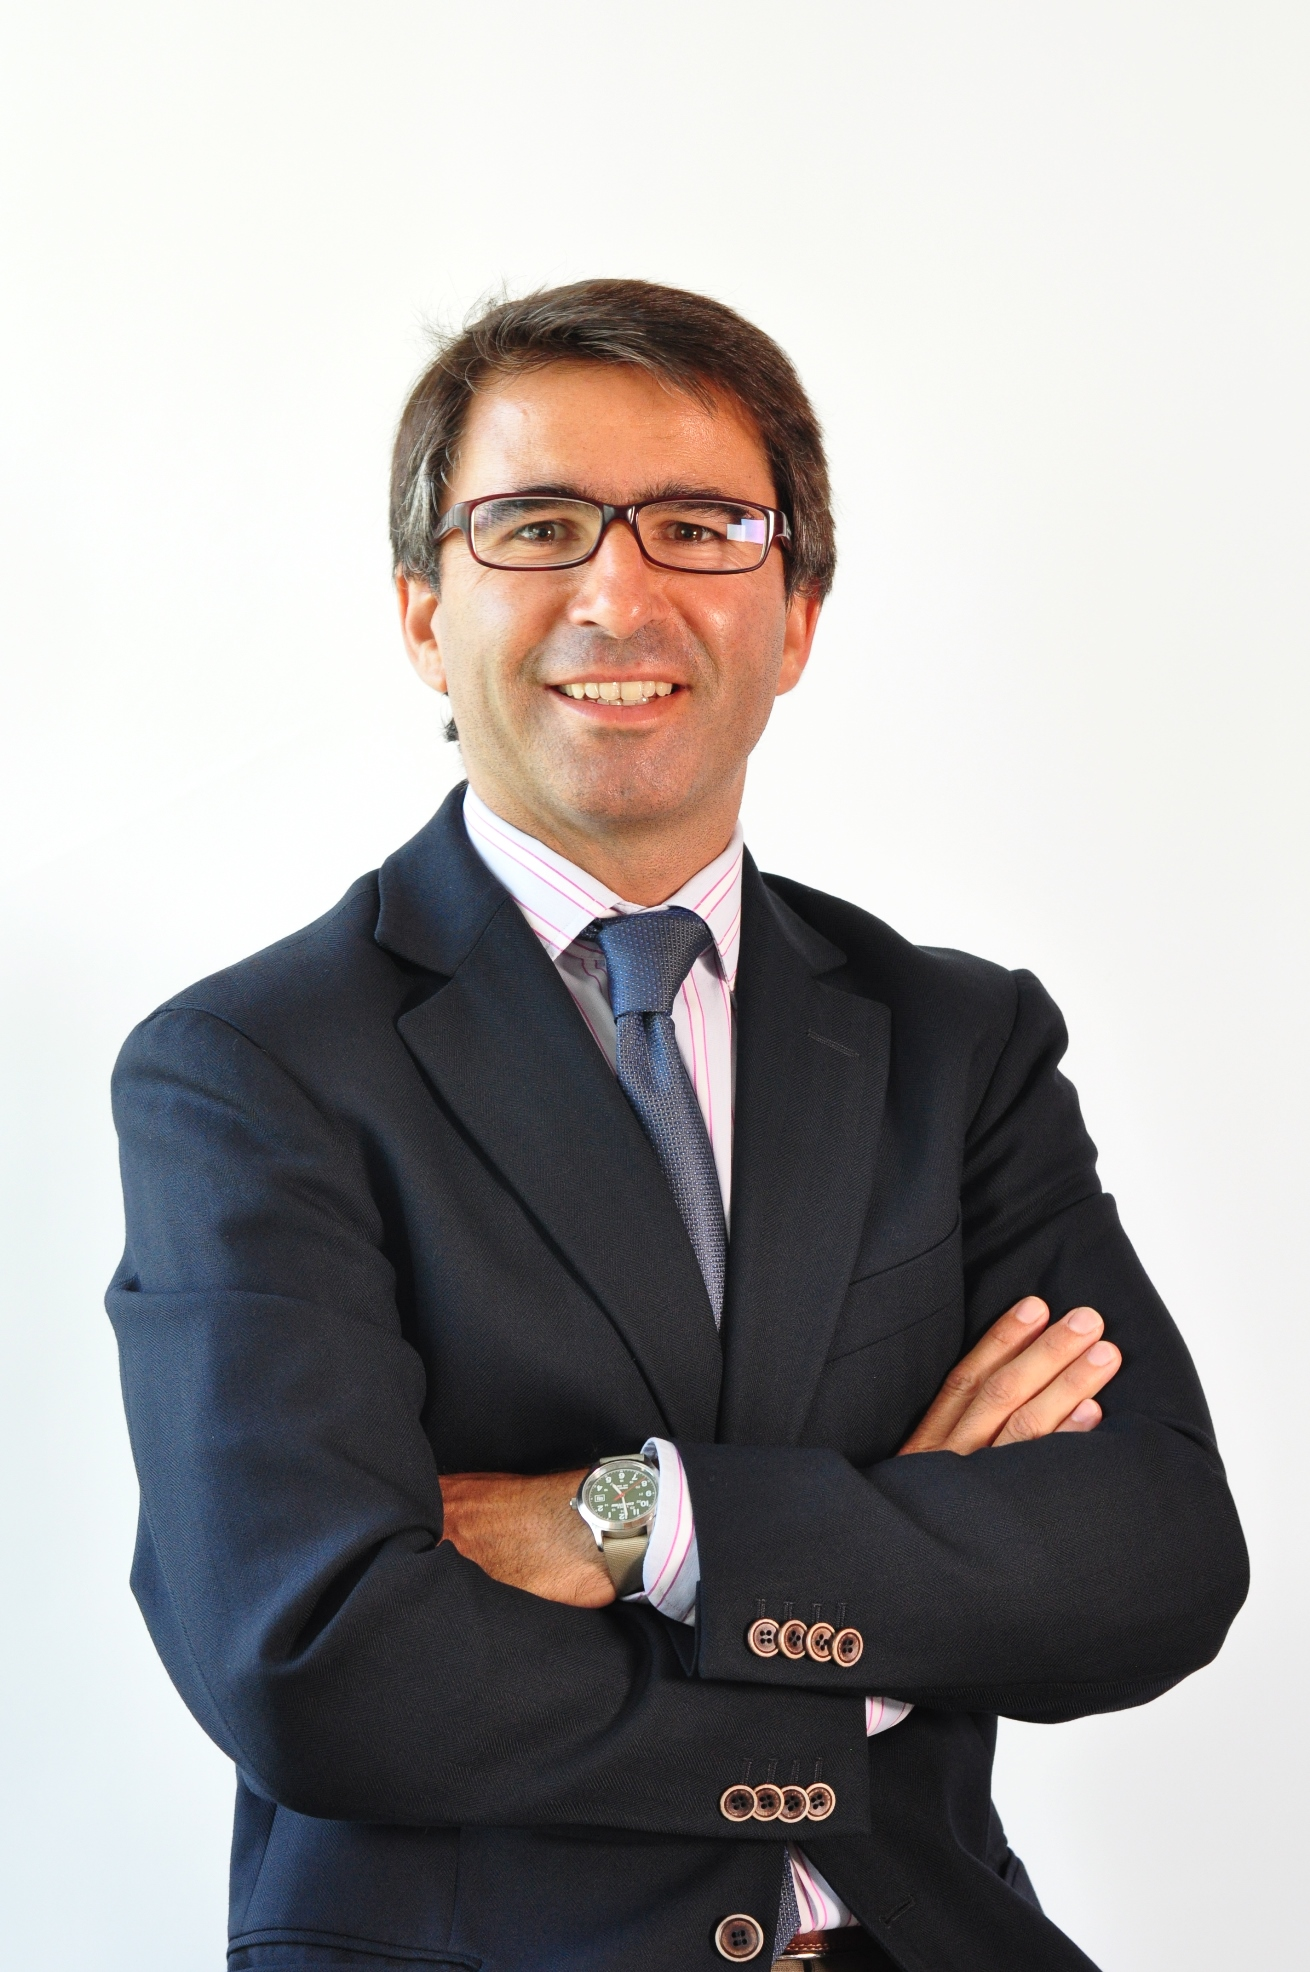 Daniel Rodríguez de Miguel Vilagut